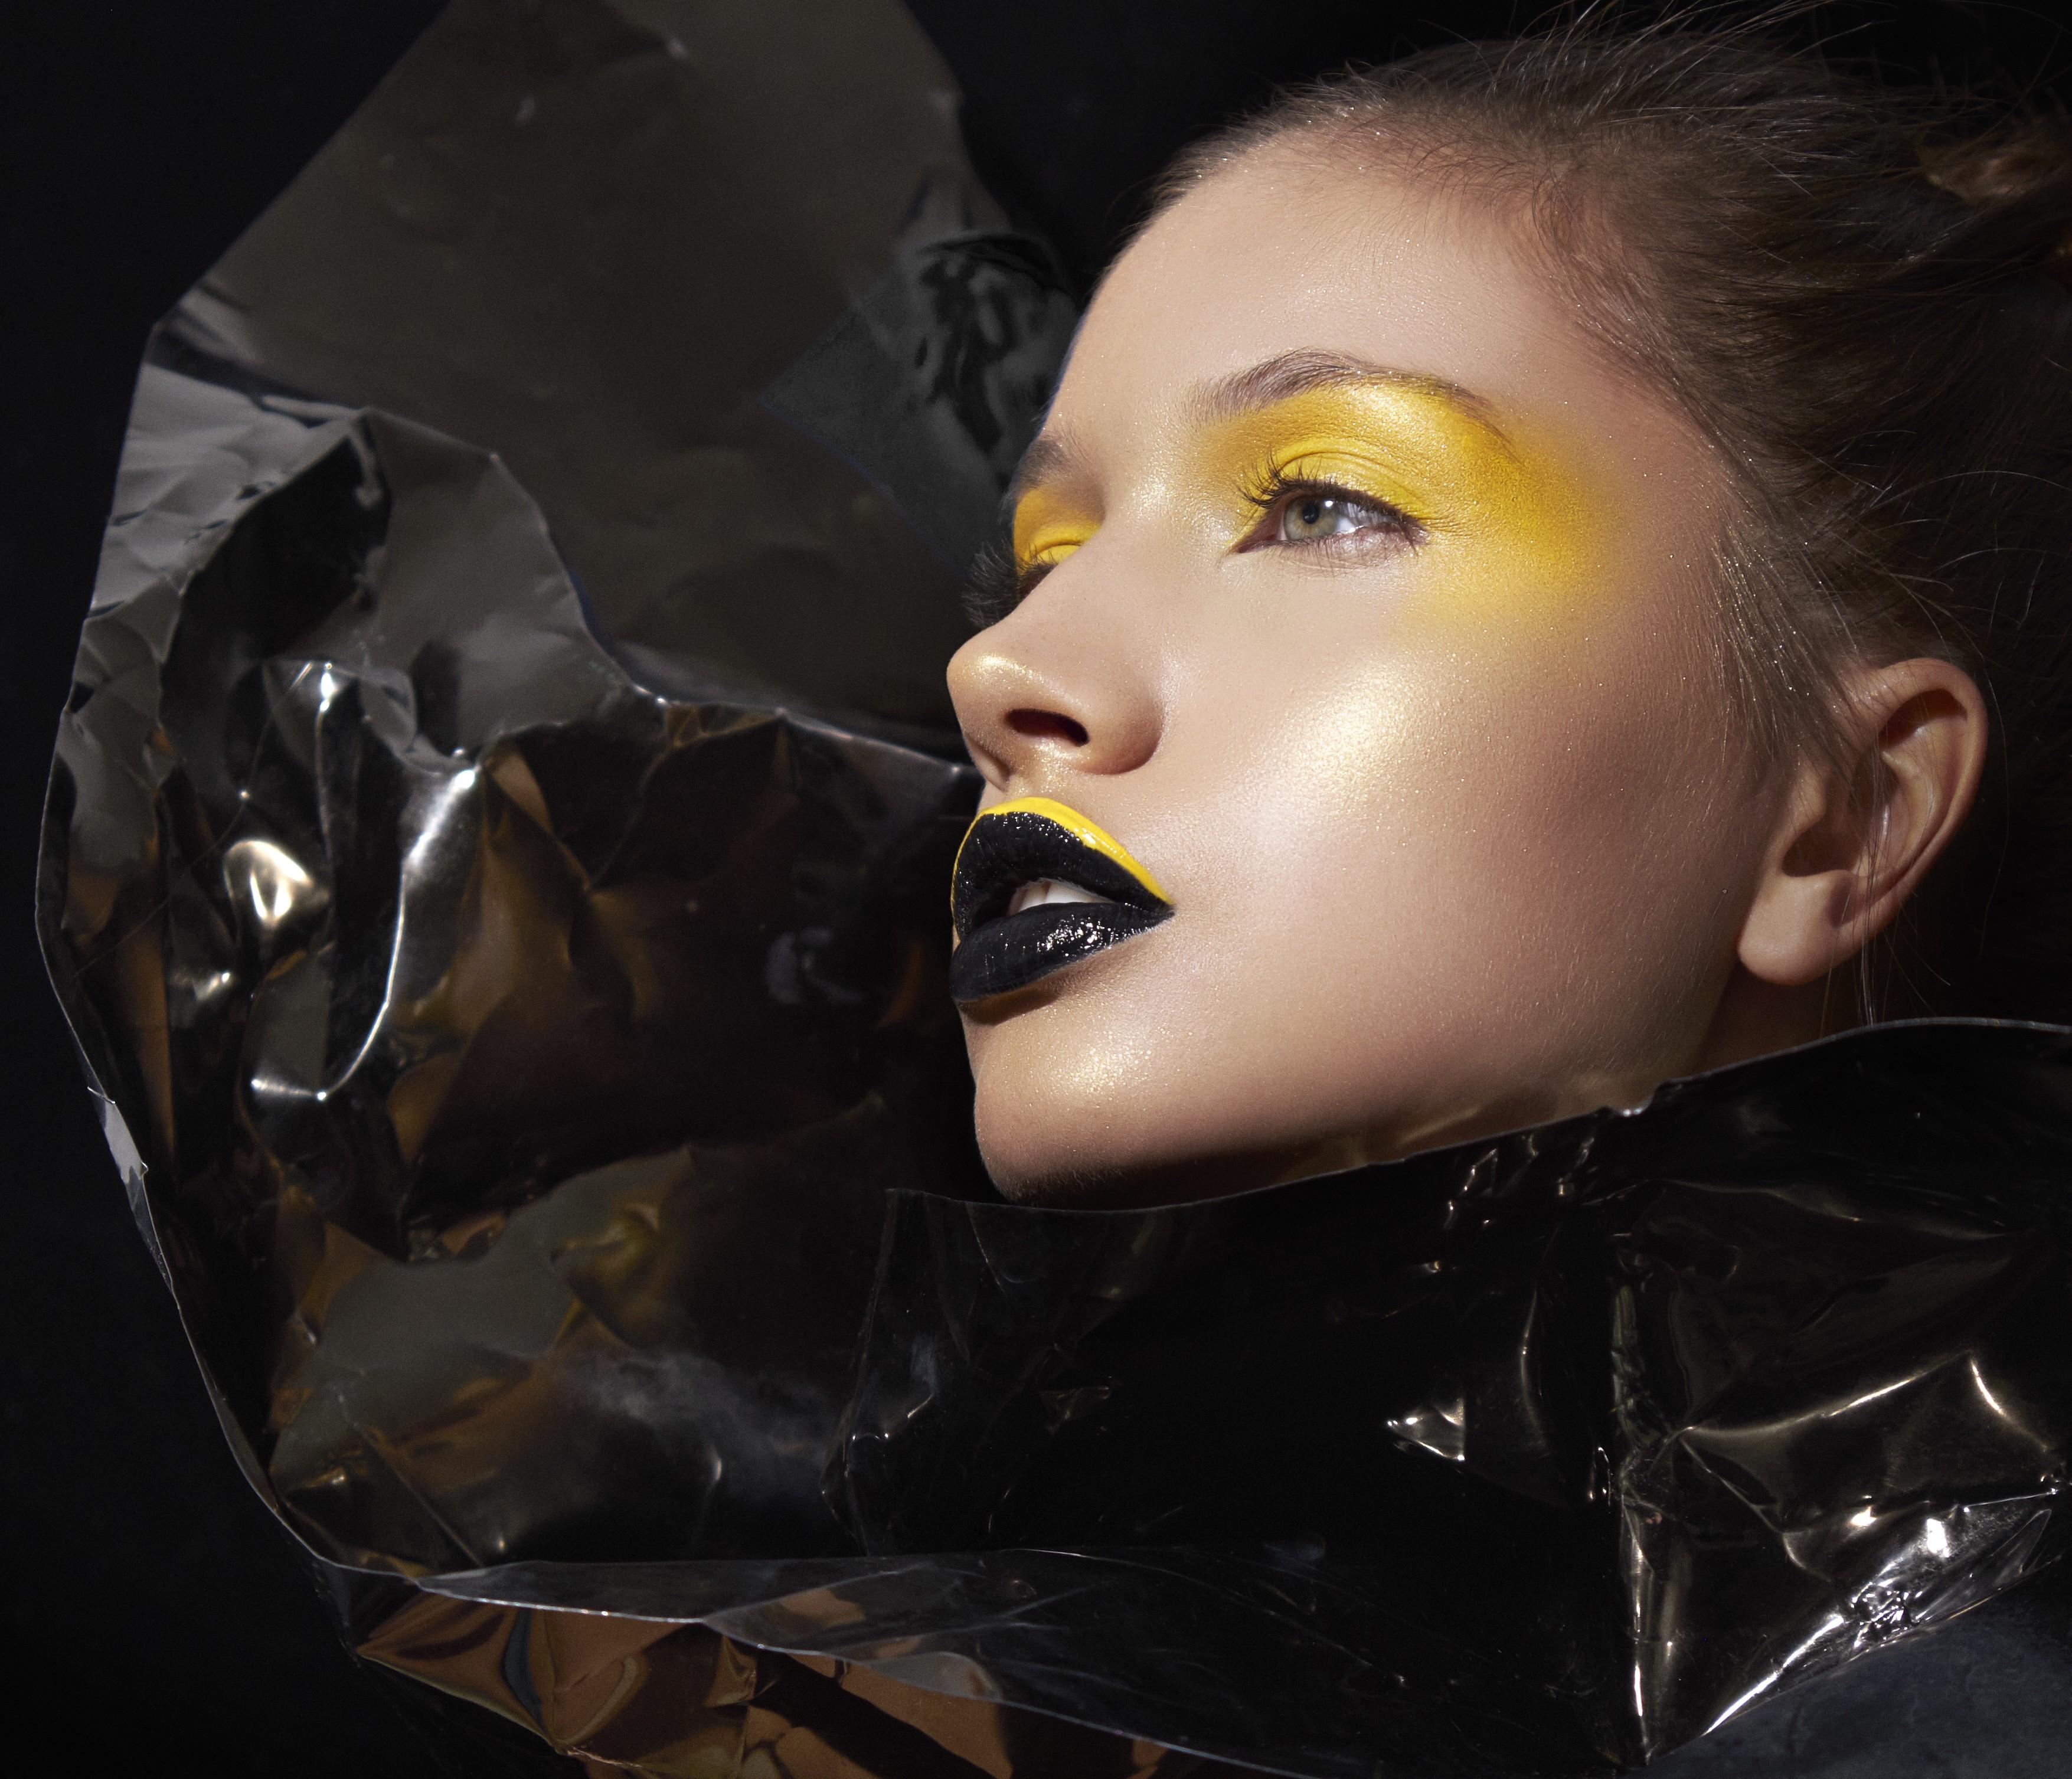 Amarelo esfumado nos olhos e preto nos lábios (Foto: Danilo Apoena)